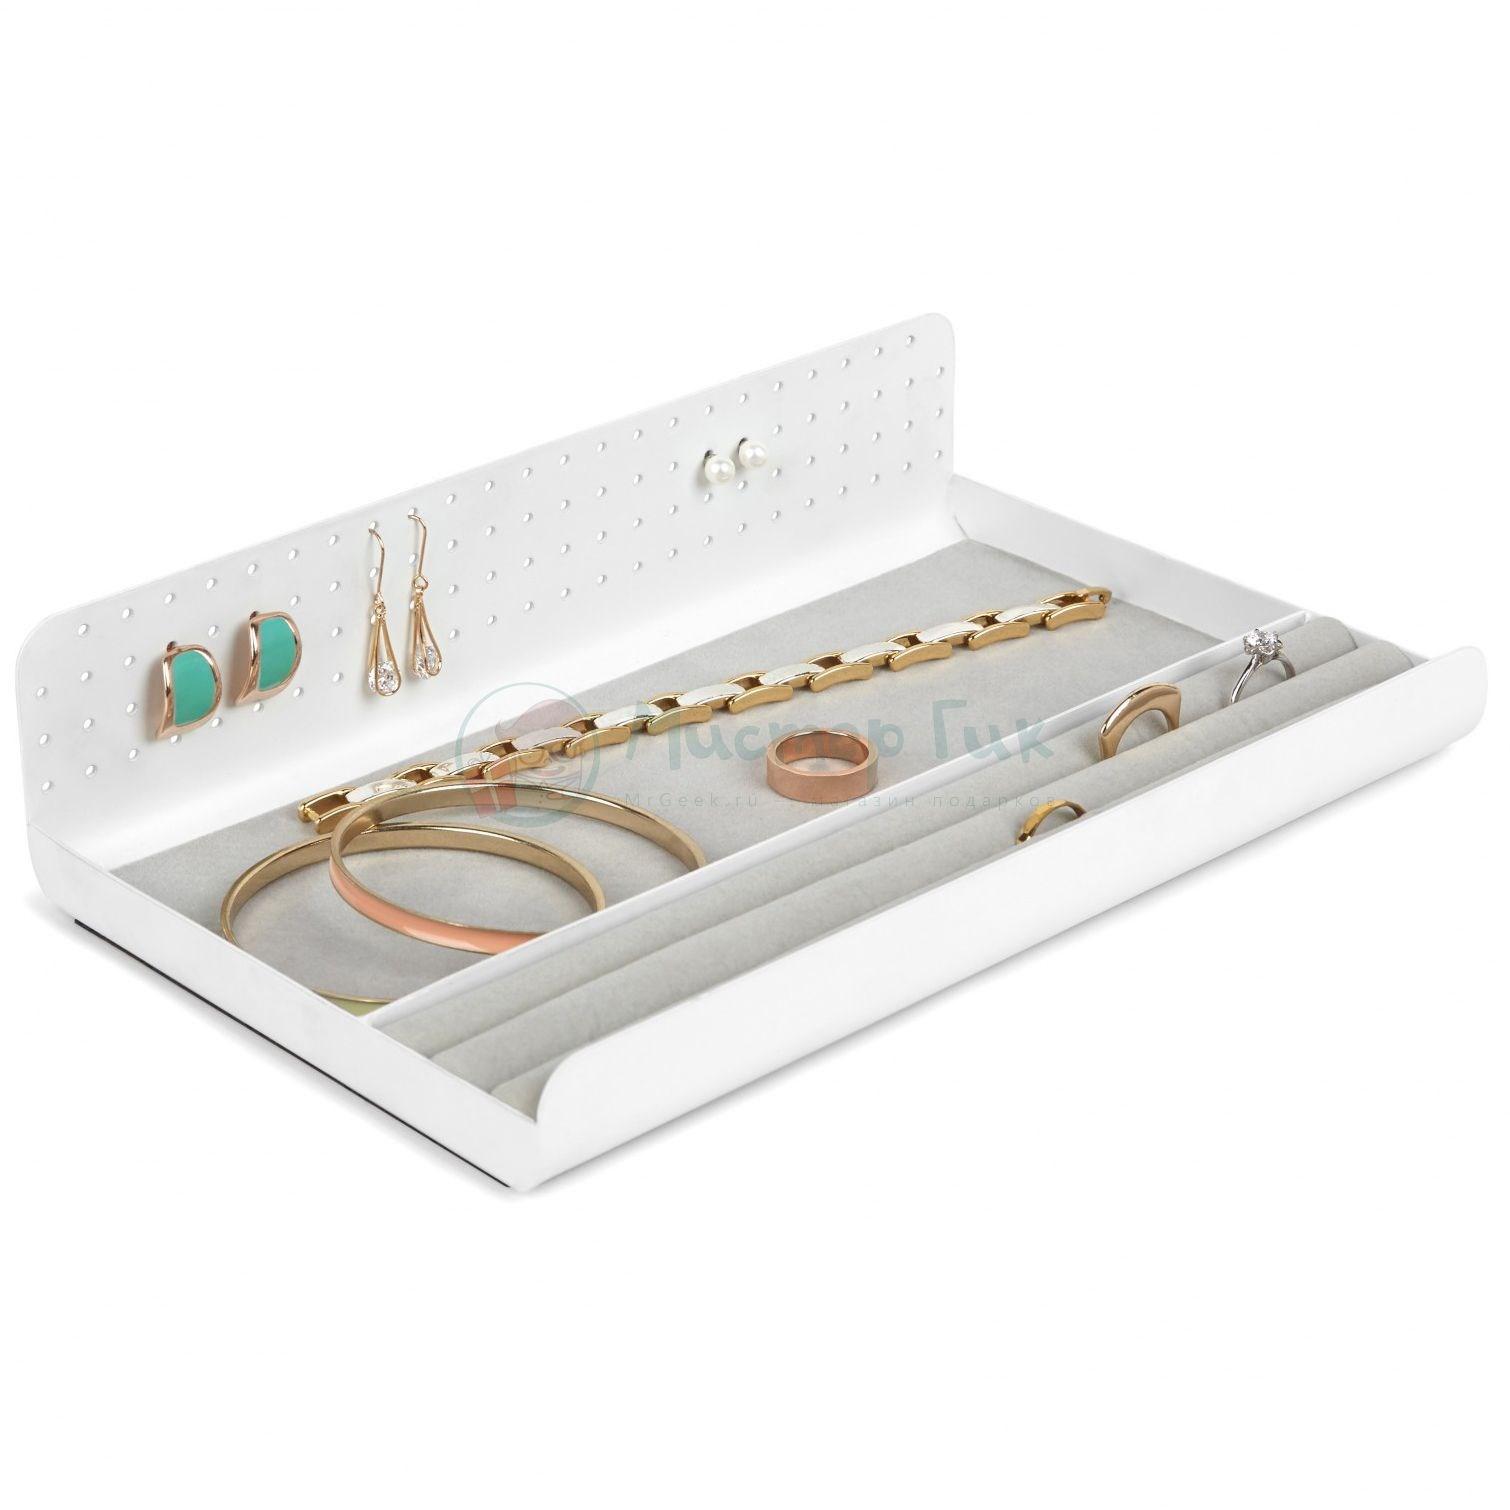 Подставка для украшений Curio Jewelry Tray